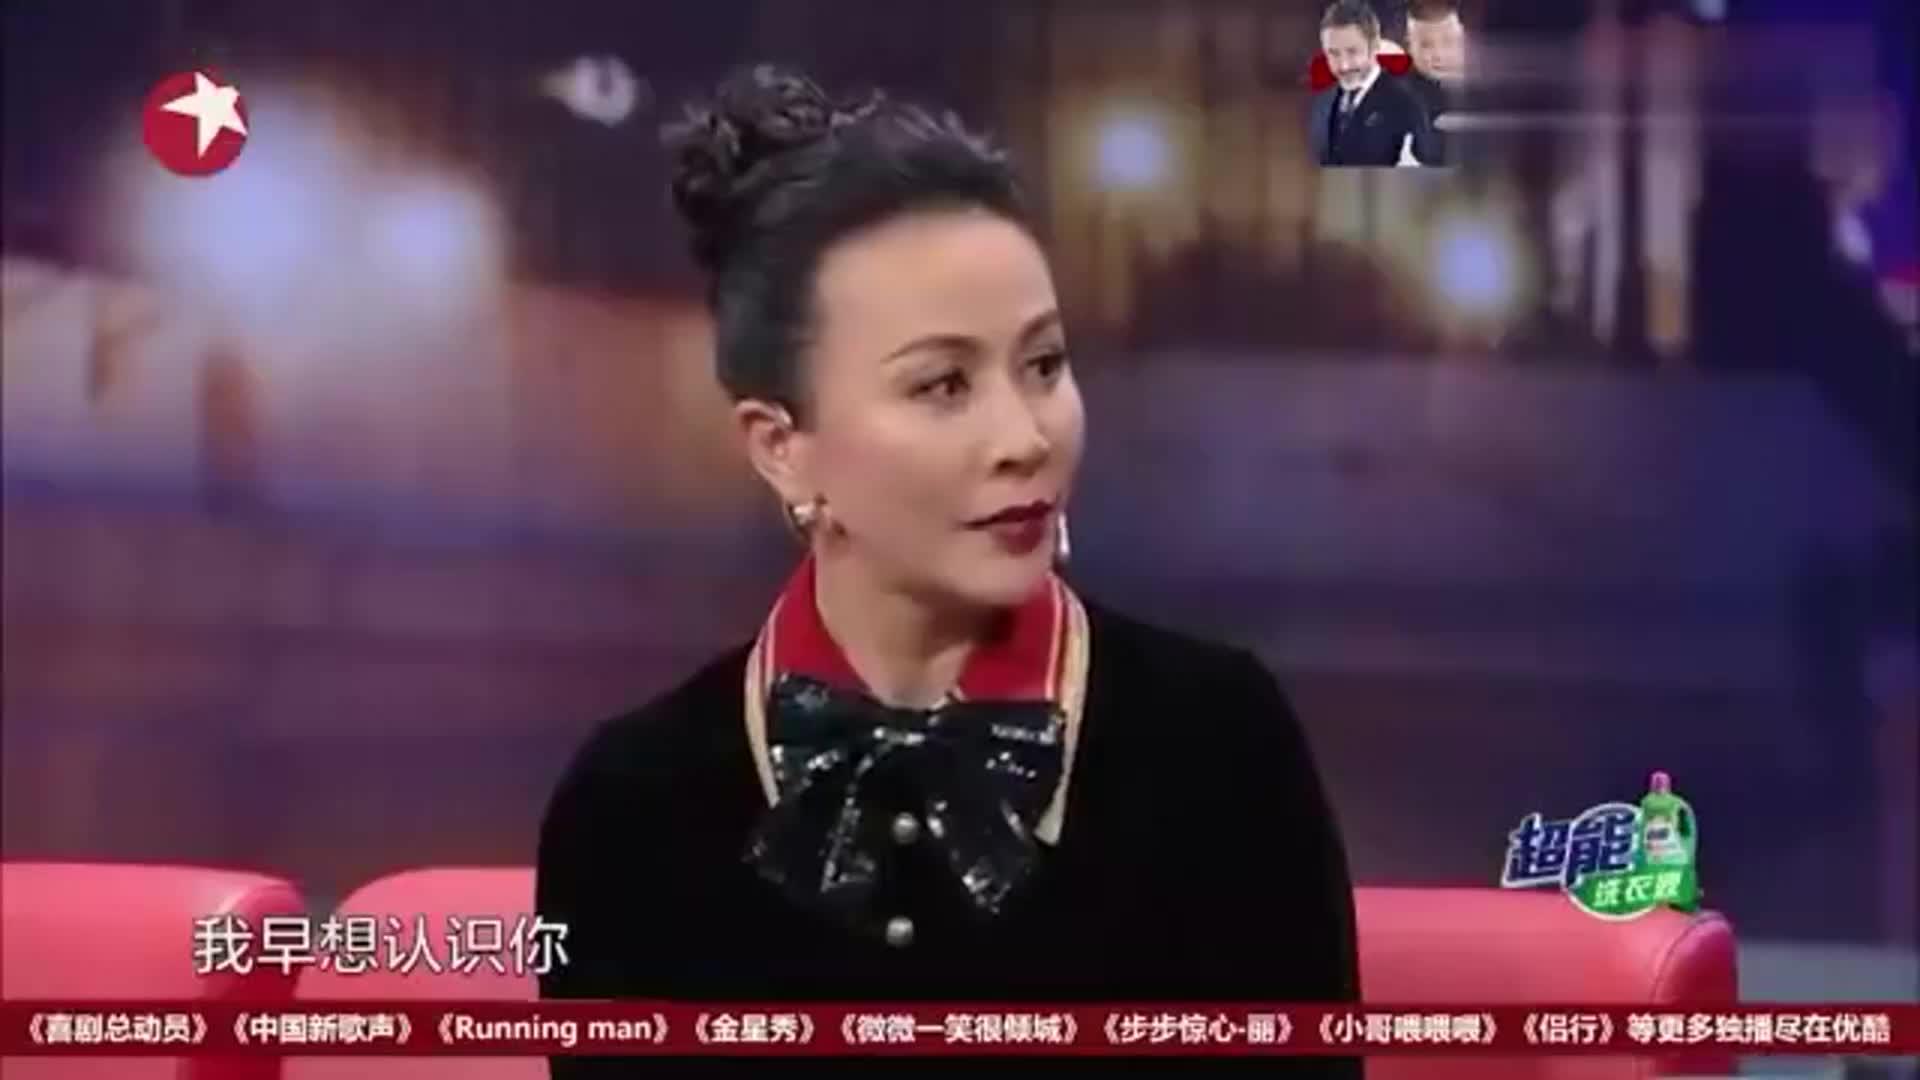 金星秀:梁朝伟眼神太迷人,沈南:是不是有点近视?刘嘉玲摇摇头